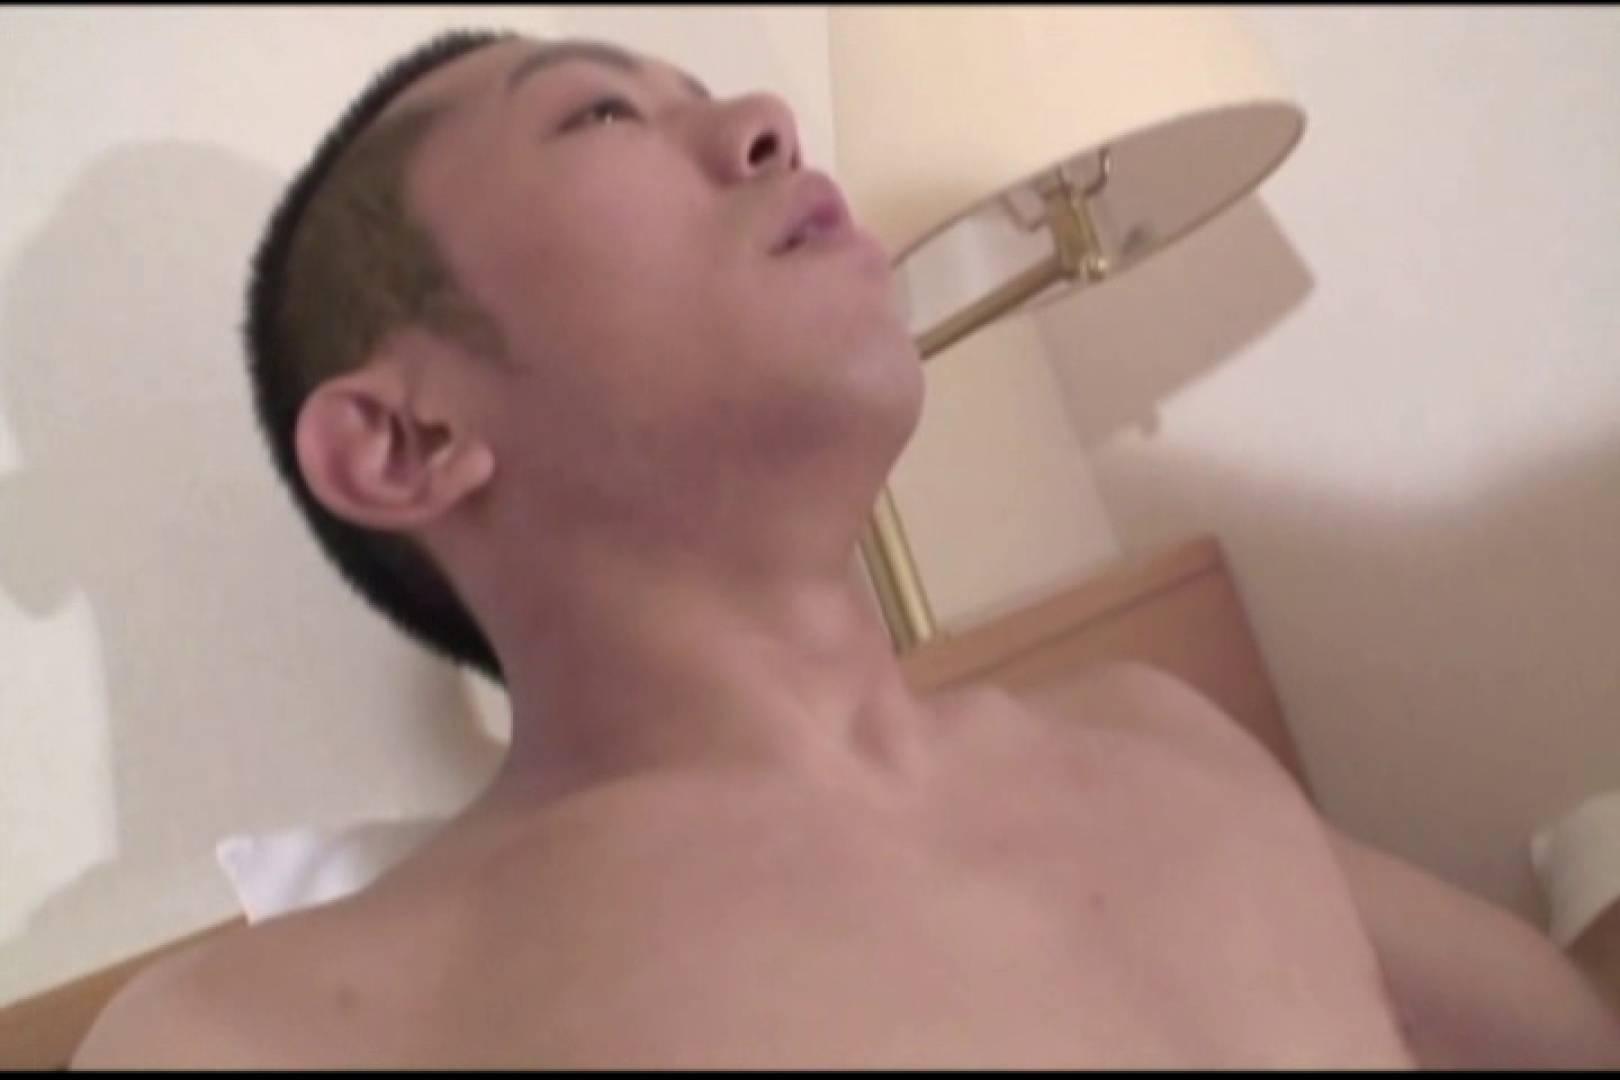 アナPさん投稿!目がパッチリなイケメンサル系男子の昇天劇。 サル系男子 しりまんこ画像 78枚 68